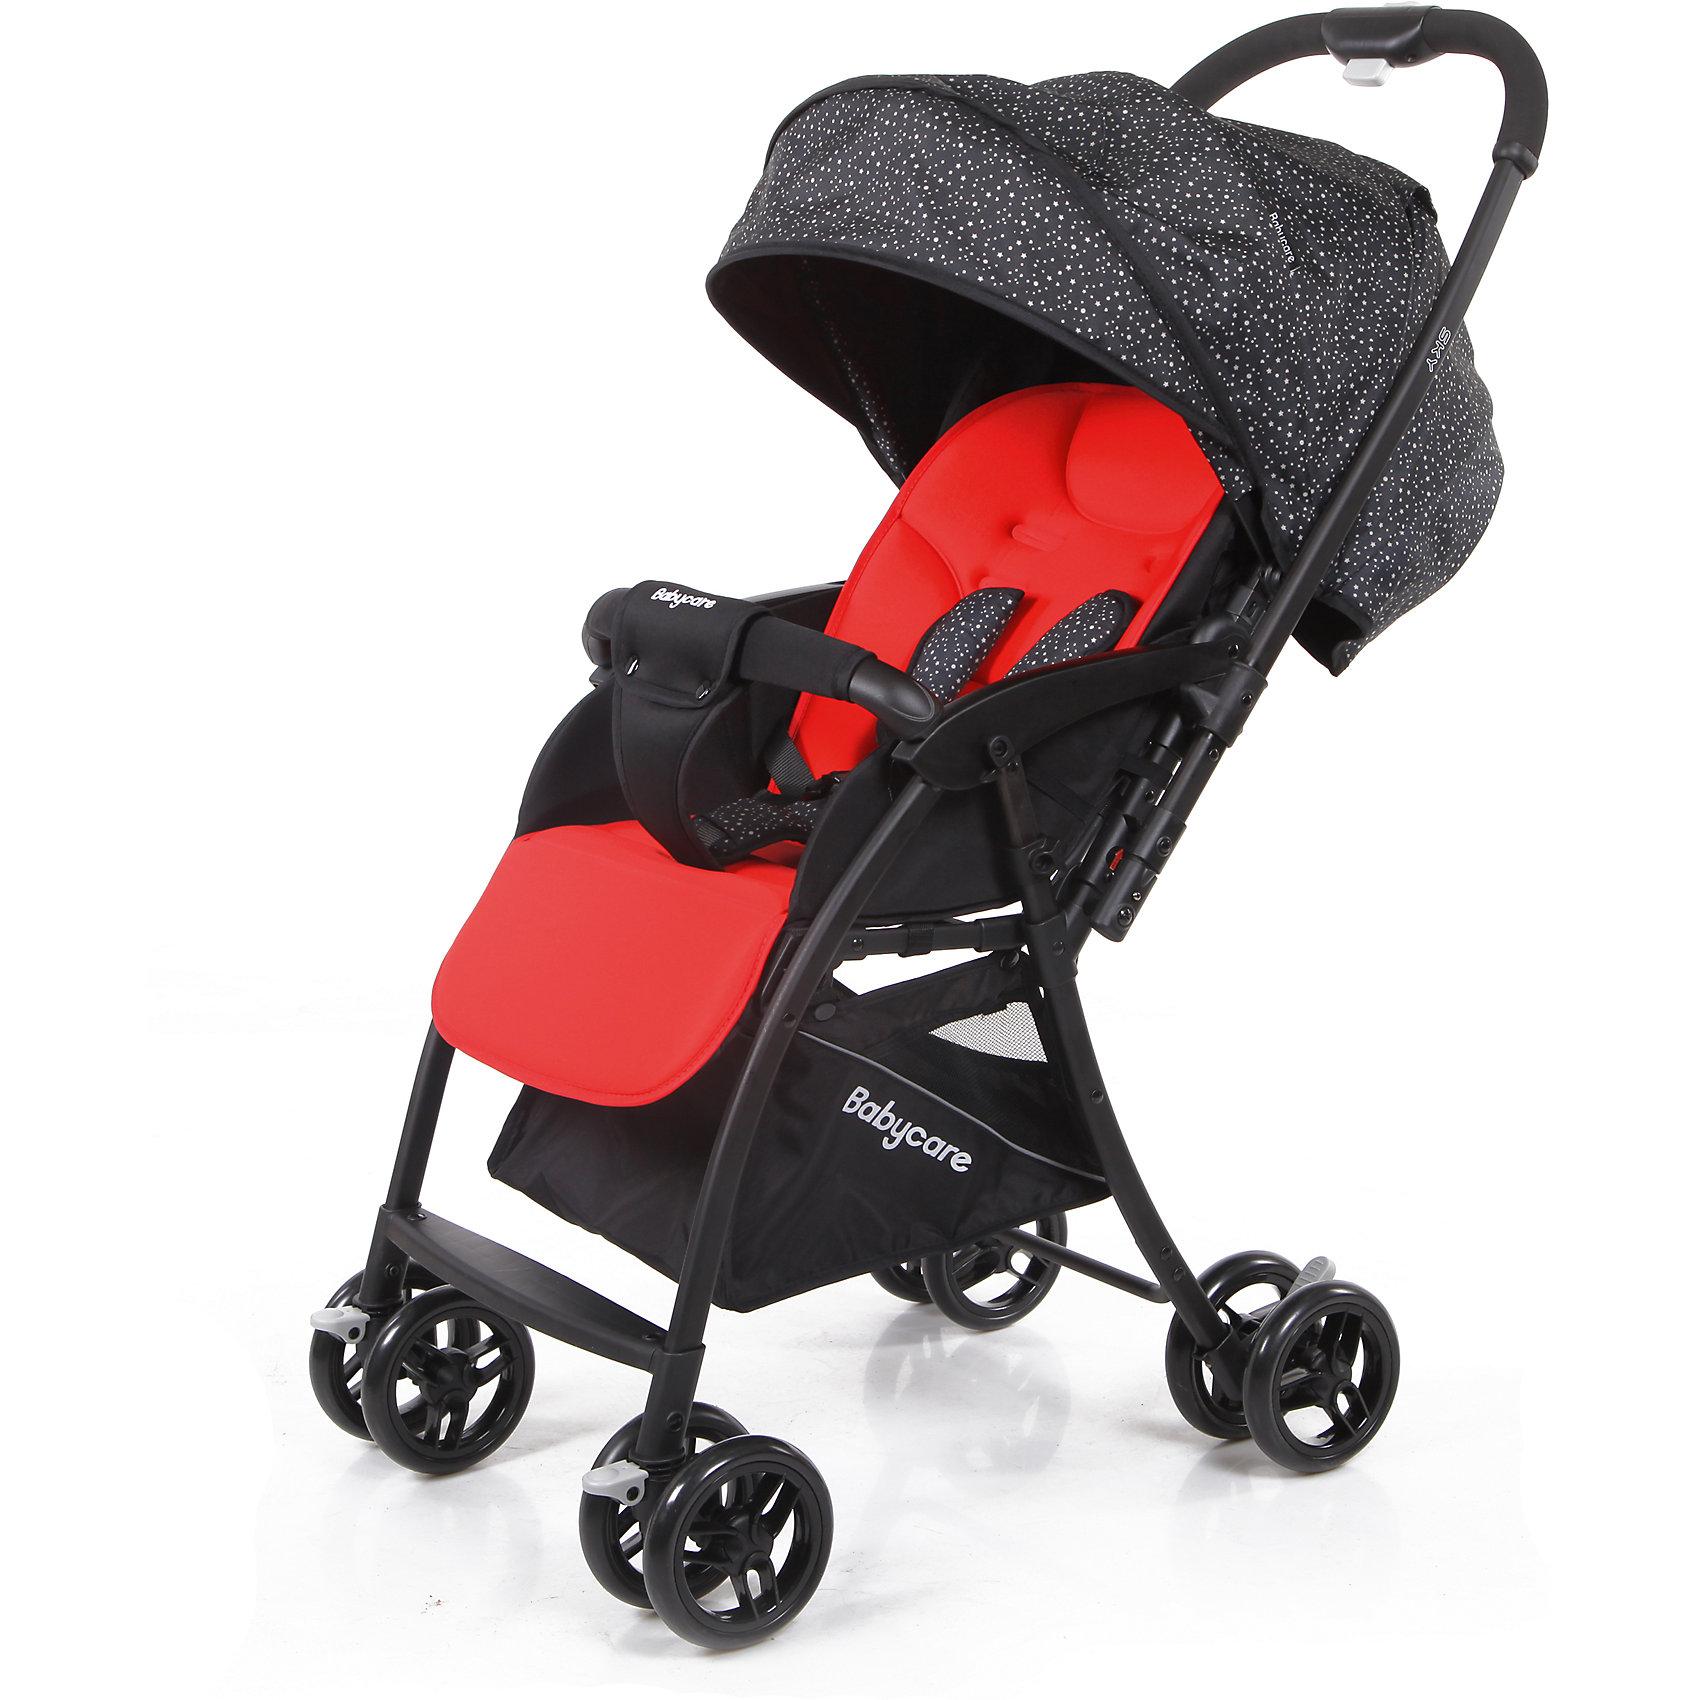 Прогулочная коляска Baby Care Sky, красныйПрогулочные коляски<br>Baby Care Sky  - новая прогулочная коляска с перекидной ручкой, легкая и маневренная. <br>Коляска легко и удобно складывается, благодаря чему занимает очень мало места.<br>Съемный бампер с мягкой обивкой, отстегивающийся с одной стороны. <br>Спинка  регулируется плавно с помощью ремней. <br>В комплекте есть чехол на ножки и корзинка для покупок. Коляска имеет 5-ти точечные ремни безопасности. <br>Может стоять в сложенном состоянии и складывается одной рукой.<br>Особенности:<br>• алюминиевая рама<br>• плавающие передние колеса с ручной фиксацией<br>• 5-ти точеный ремень безопасности<br>• бампер с мягкой обивкой отстёгивается с одной стороны<br>• спинка регулируется при помощи ремня<br>• регулируемая подножка<br>• ножная тормозная система<br>• амортизация передних колёс<br>• окошки в капюшоне <br>• перекидная родительская ручка<br>• коляска может стоять в сложенном состоянии<br>• коляску можно сложить одной рукой<br>Характеристики:<br>• диаметр колес: передние – 13.4 см, задние — 13.4 см<br>• тип колес: двойные<br>• механизм складывания: книжка<br>• вес: 4.7 кг <br>• ширина сиденья: 34 см<br>• размер корзины: 31х31х18 см<br>• размер в разложенном виде: 83х47х98 см<br>• размер в сложенном виде: 30х47х93 см<br><br>Ширина мм: 730<br>Глубина мм: 460<br>Высота мм: 210<br>Вес г: 6200<br>Возраст от месяцев: 6<br>Возраст до месяцев: 36<br>Пол: Унисекс<br>Возраст: Детский<br>SKU: 6668623